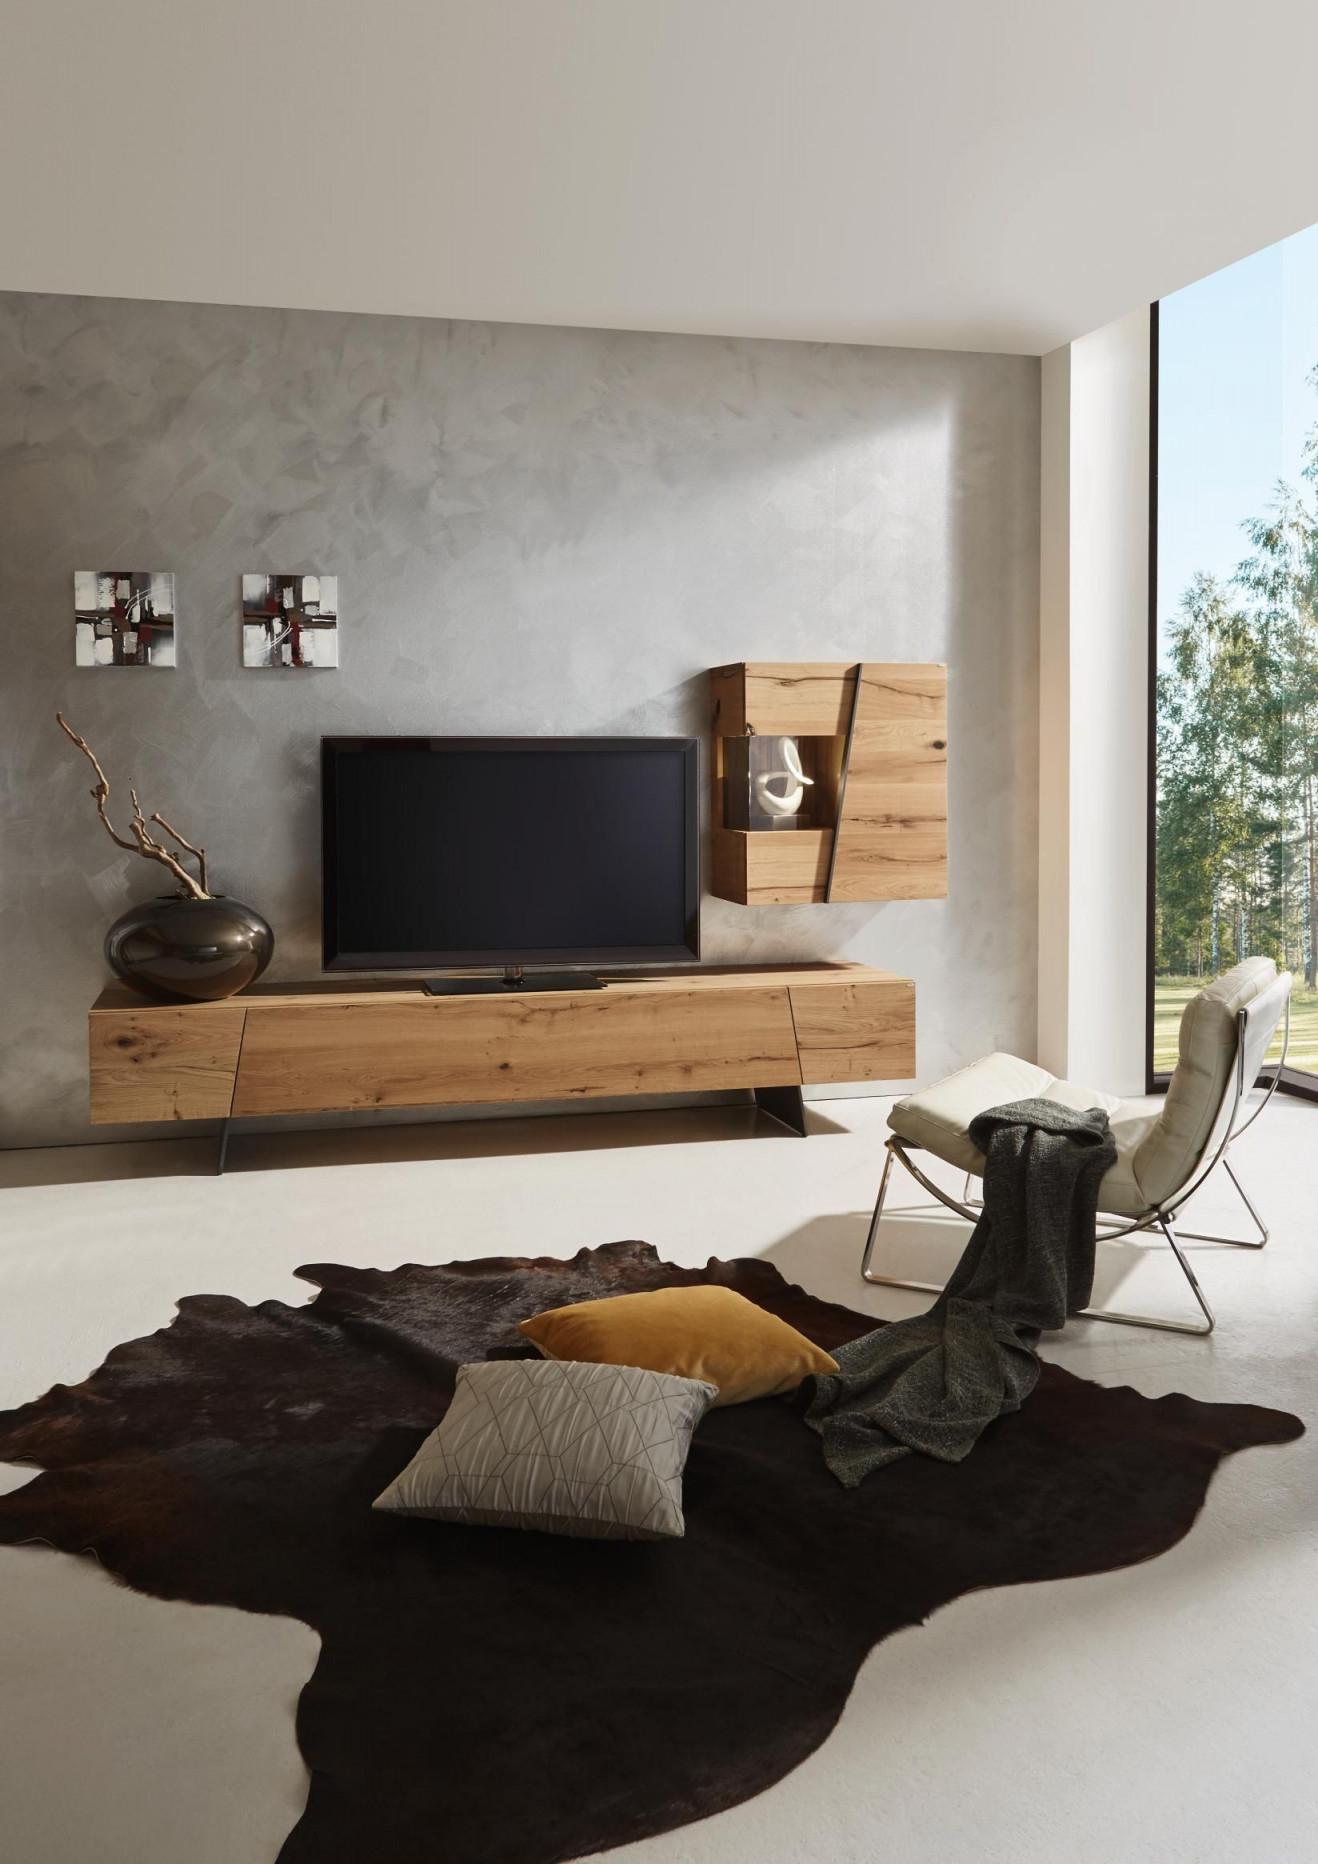 Wohnraum Ideen Wohnzimmer Grau  Single Schlafzimmer In 2020 von Wohnraum Ideen Wohnzimmer Bild